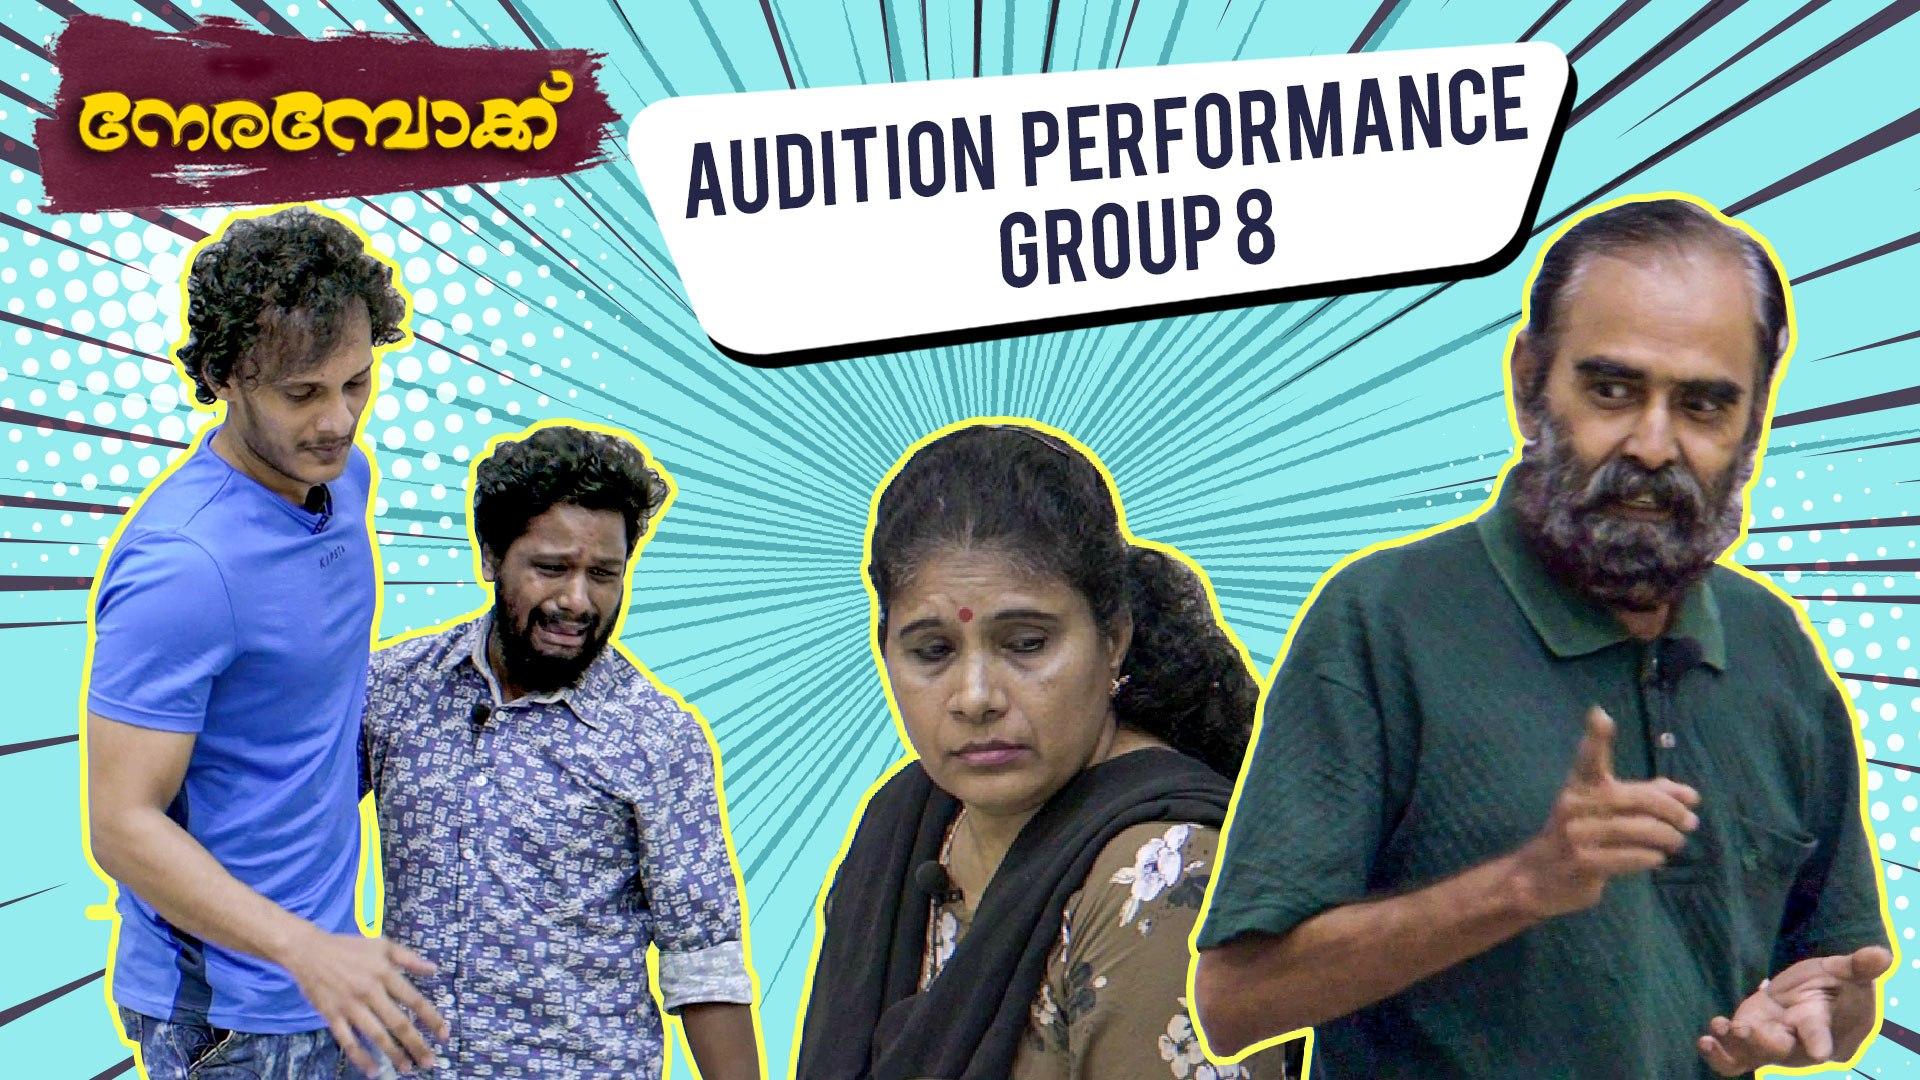 Nerambokku | Malayalam Web Series | Audition - Nerambokku Web Series - Group 8